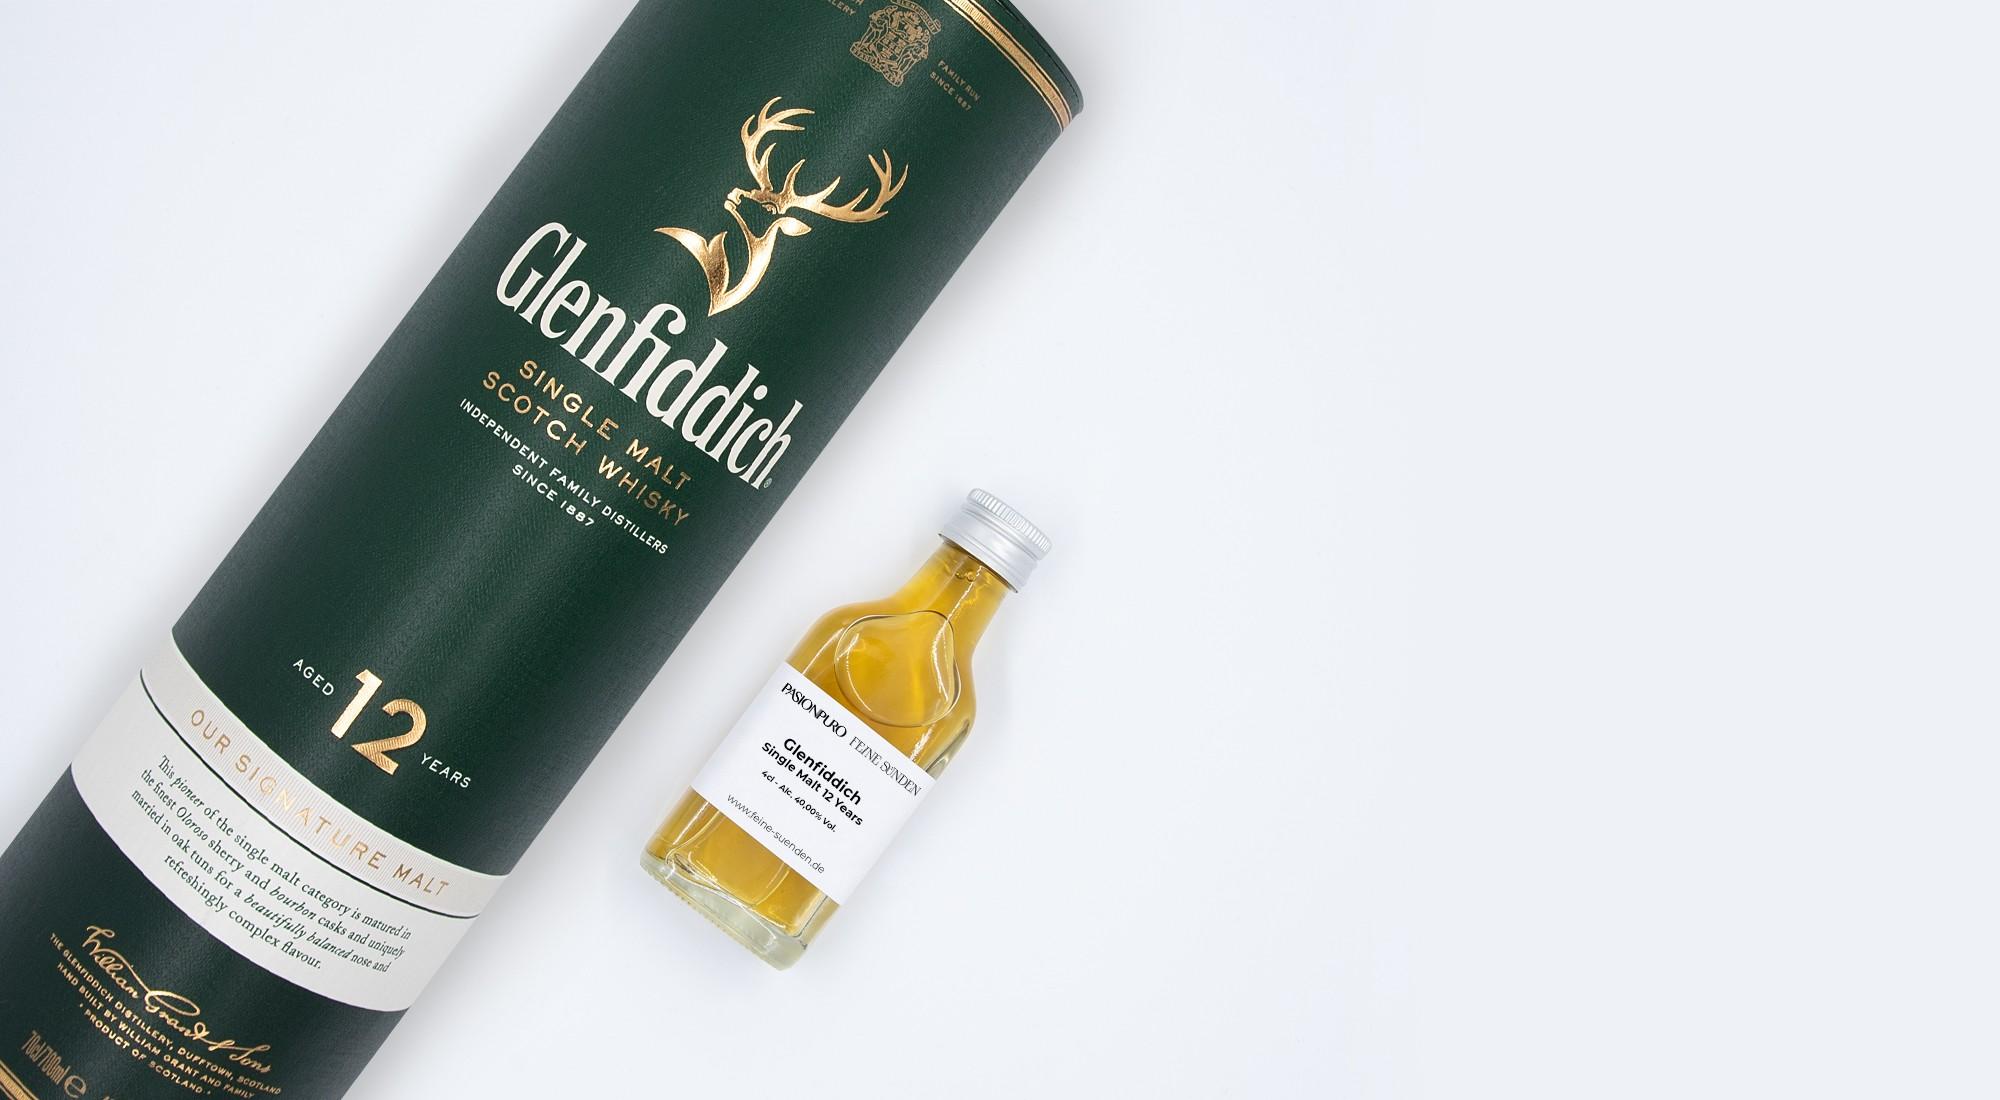 Glenfiddich Single Malt 12 Years – 0,04l